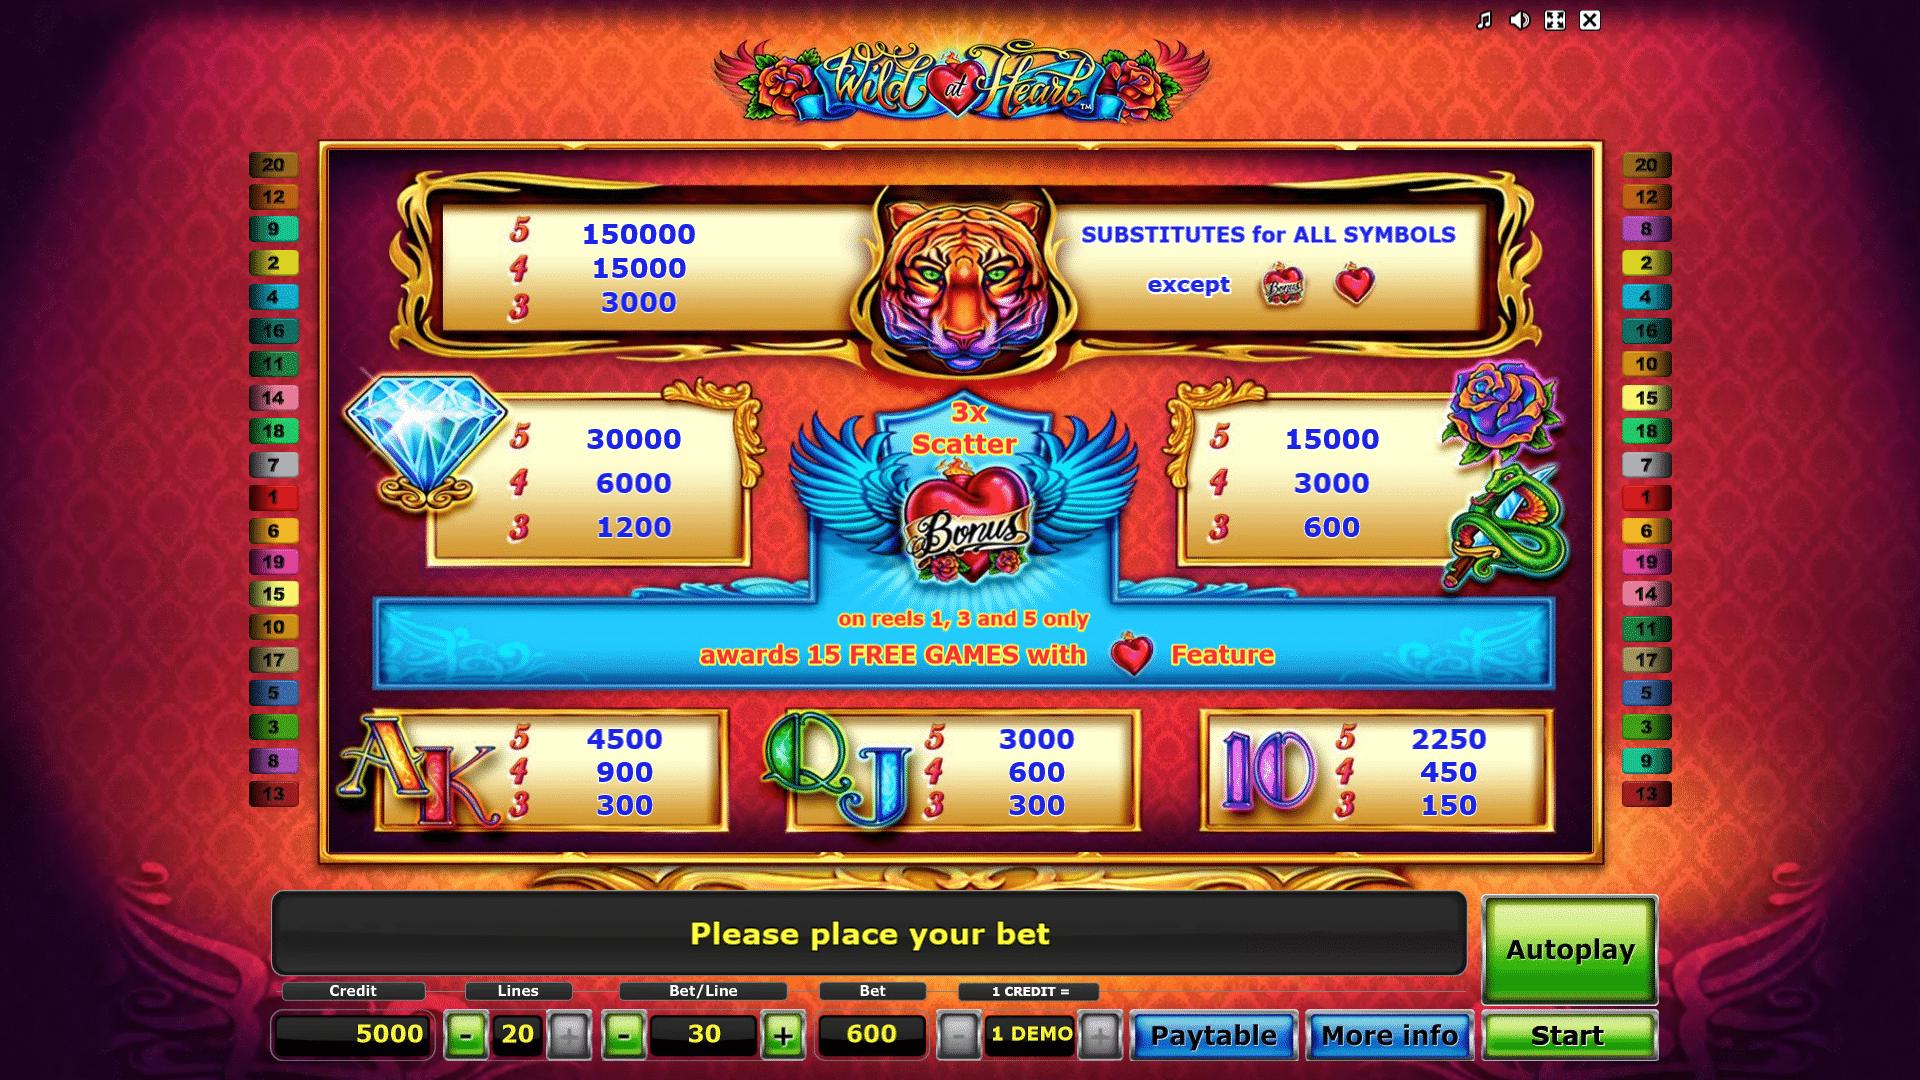 Pagamenti della Slot gratis Wild at Heart